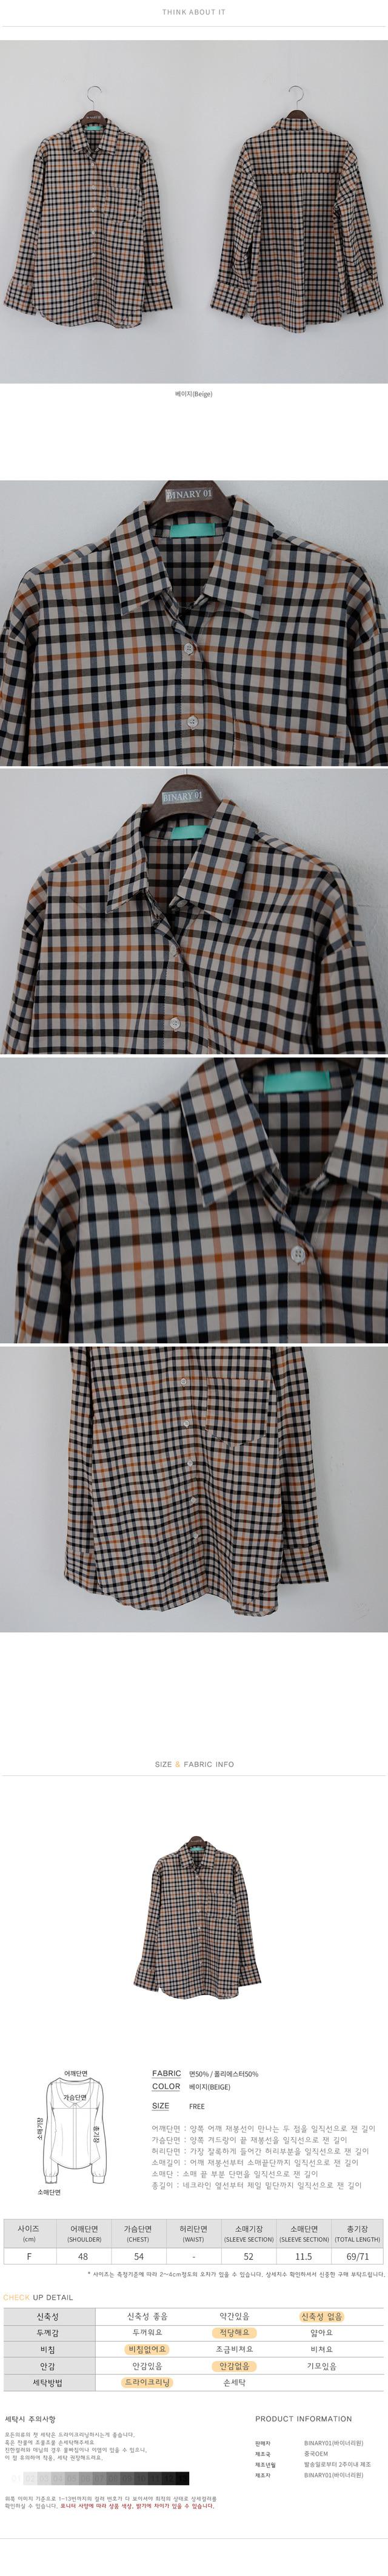 Loose-fit check shirt